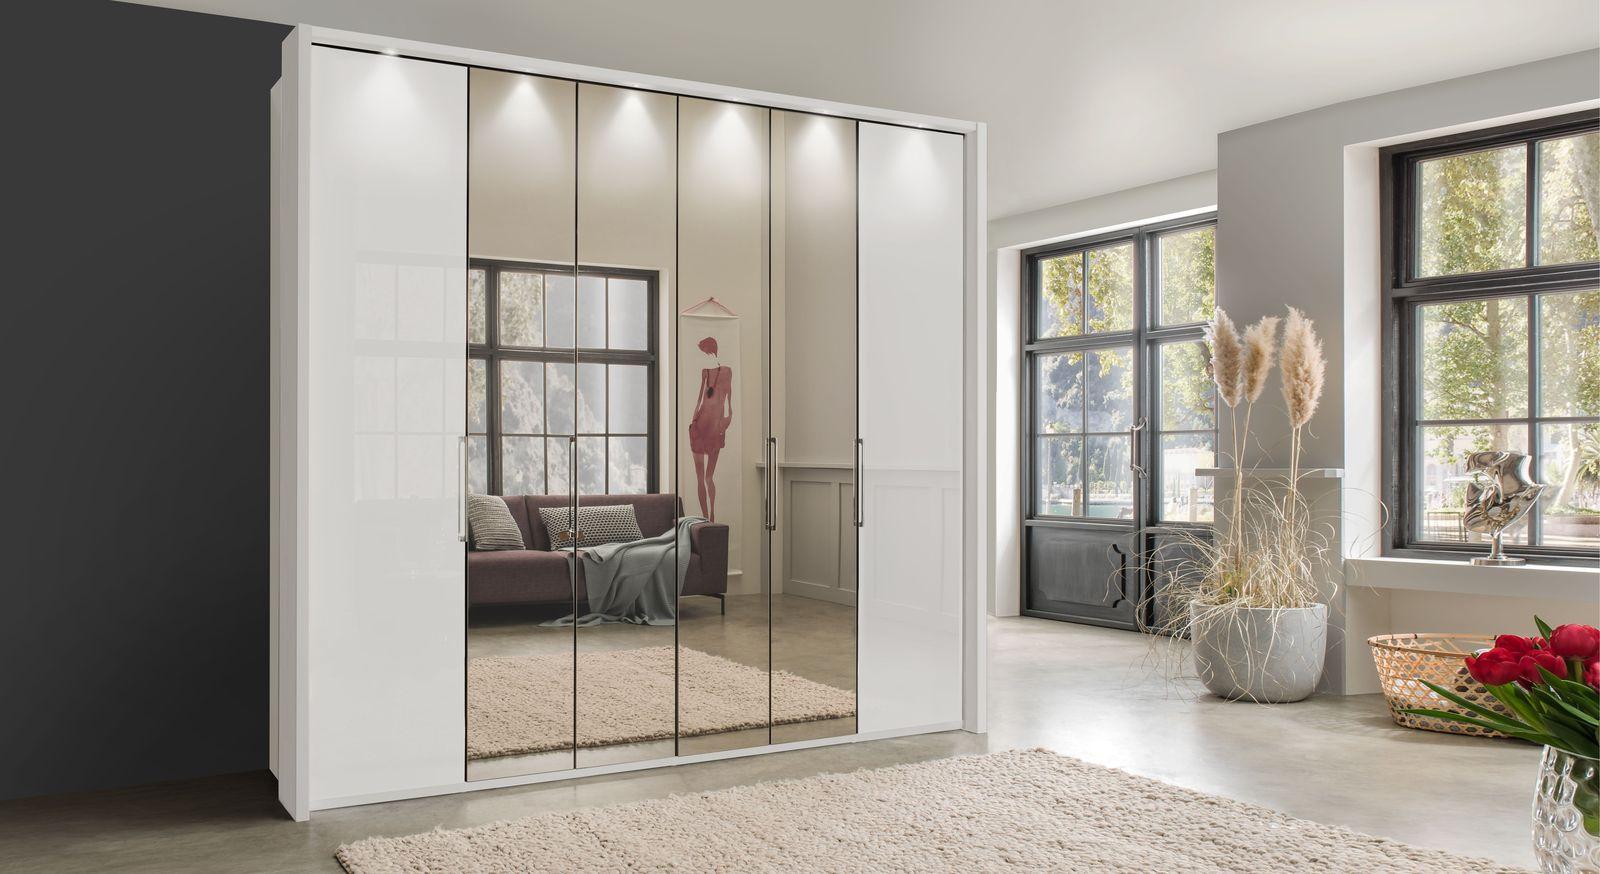 Spiegel-Falttüren-Kleiderschrank Westville in Alpinweiß mit Passepartoutrahmen und Beleuchtung